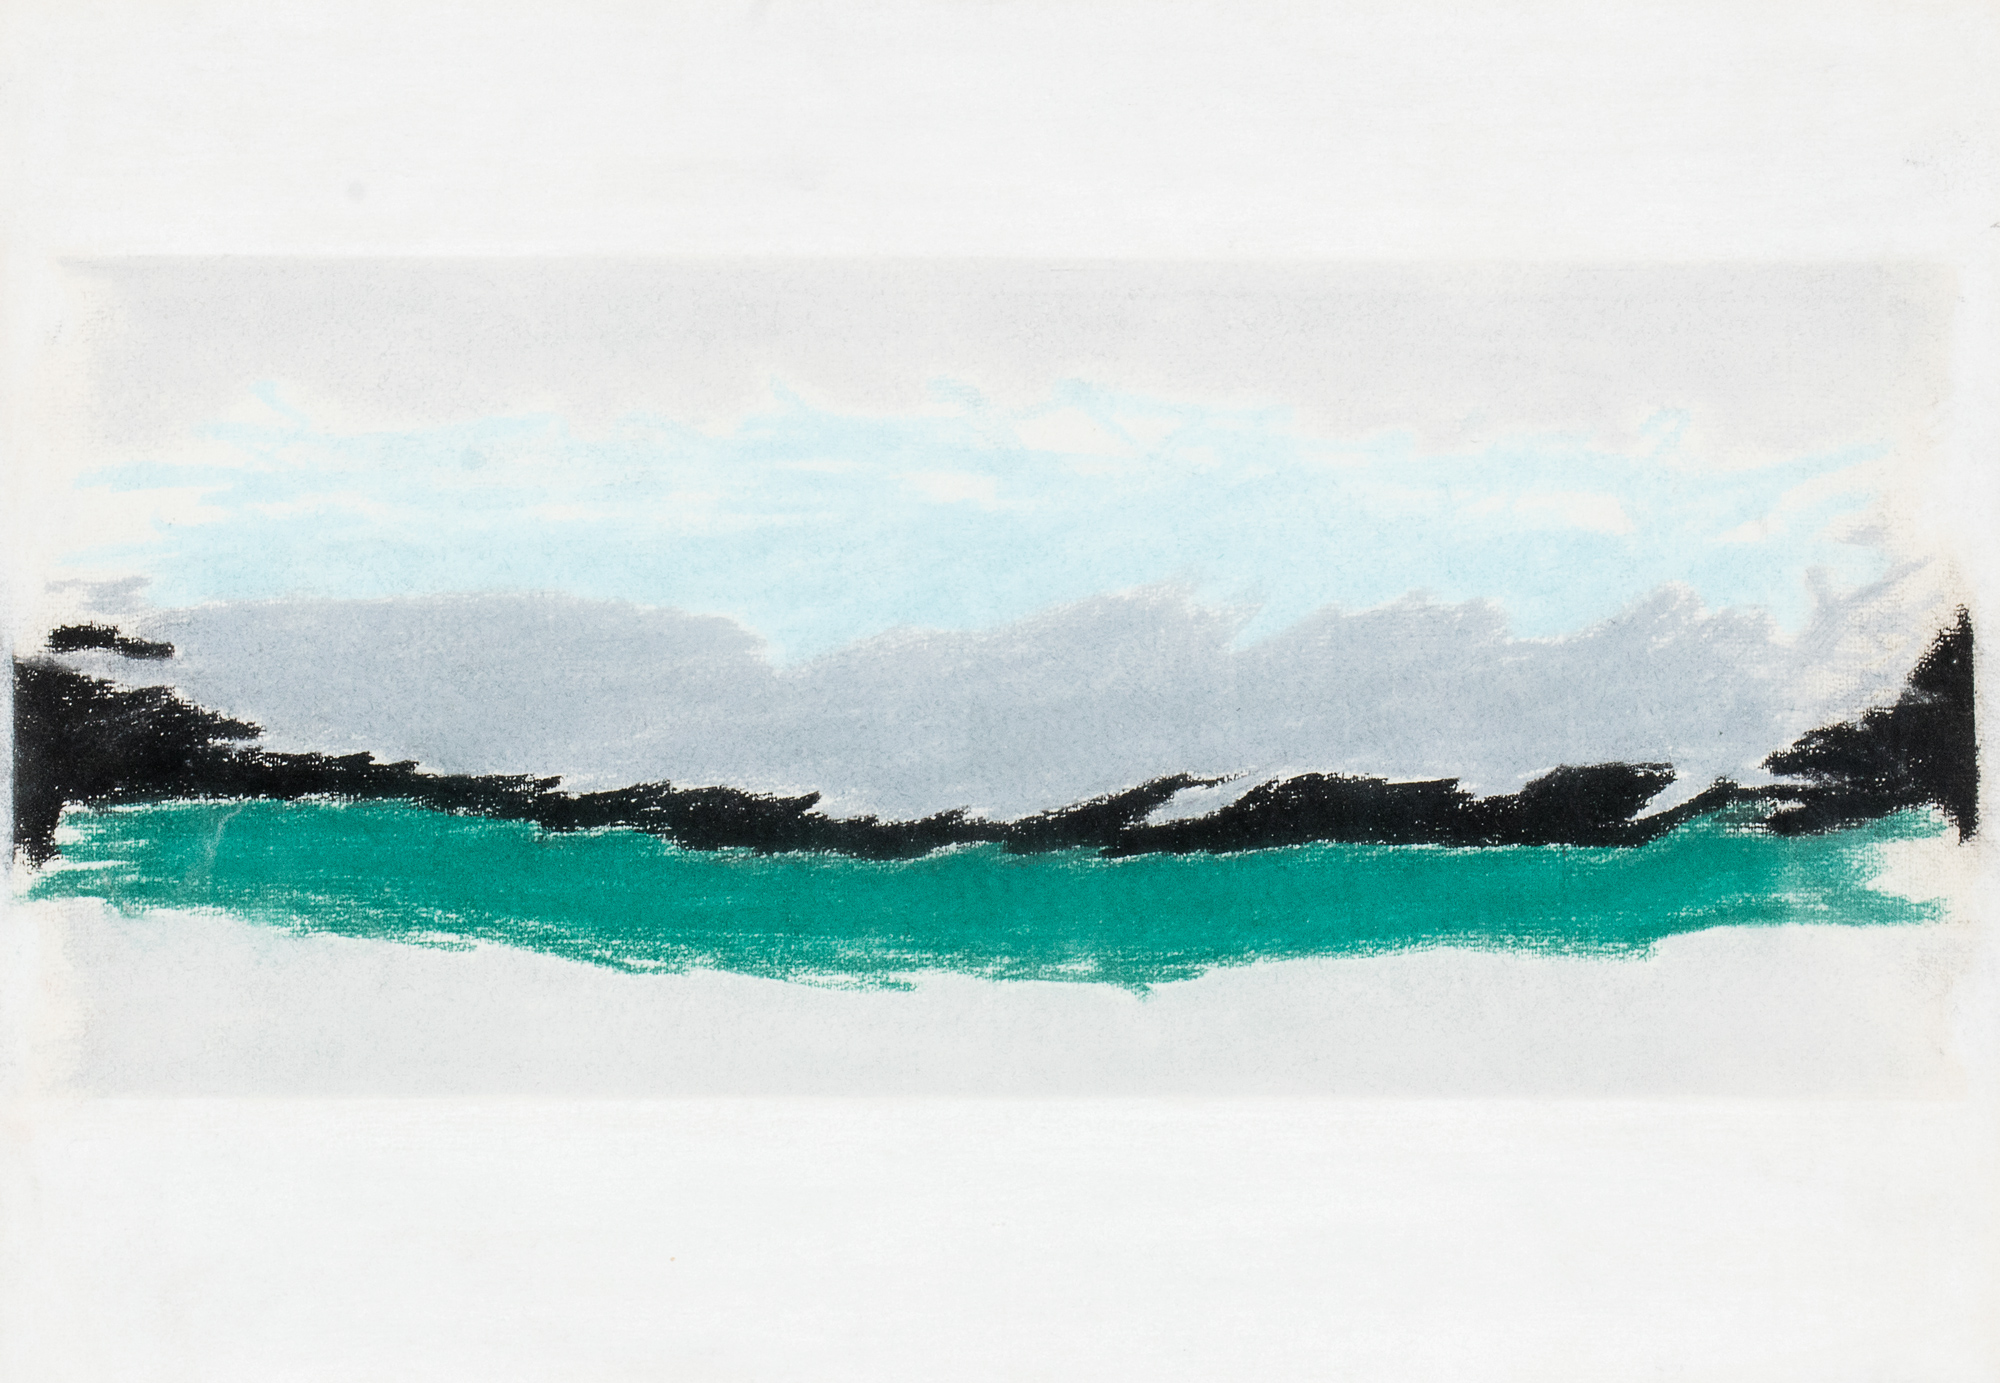 Verde, grigio e azzurro